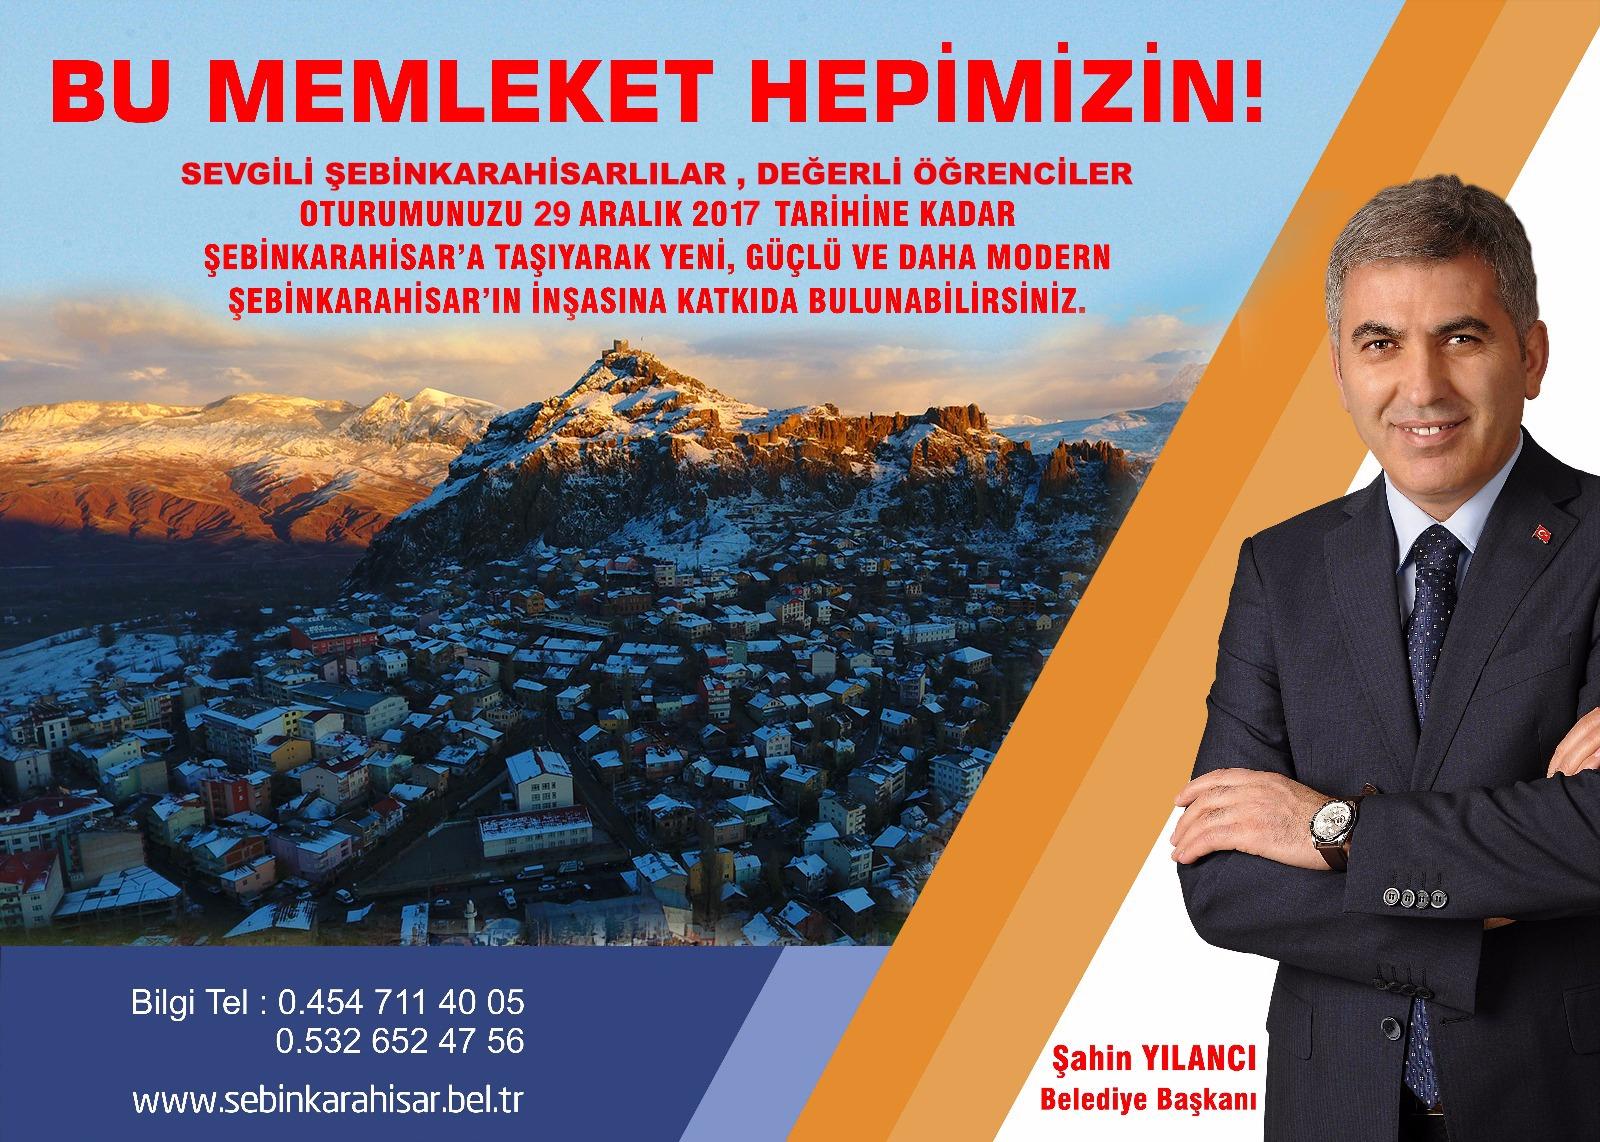 Şebinkarahisar Belediye Başkanı Şahin Yılancı'dan önemli duyuru..